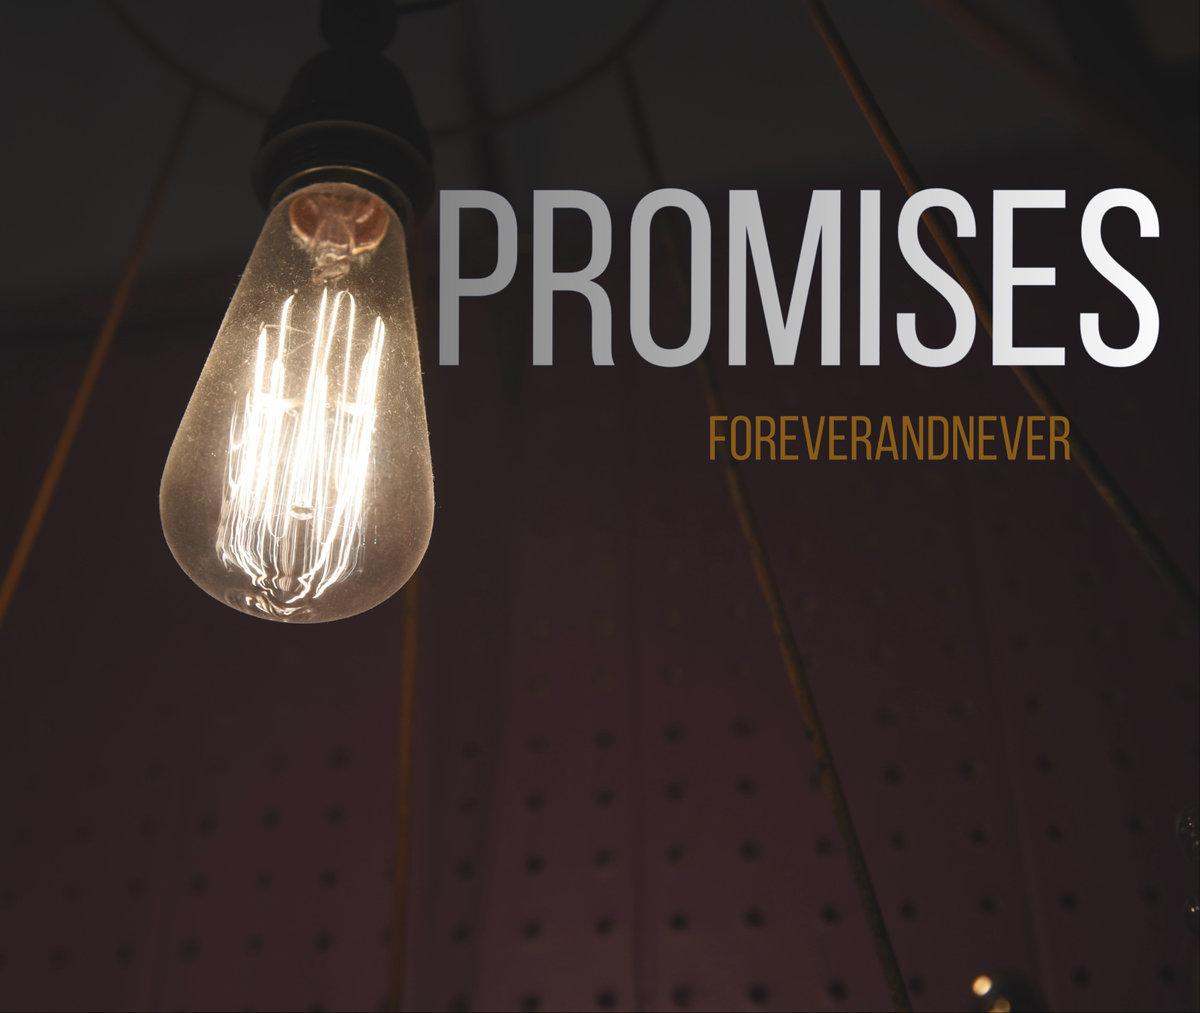 Foreverandnever Promises